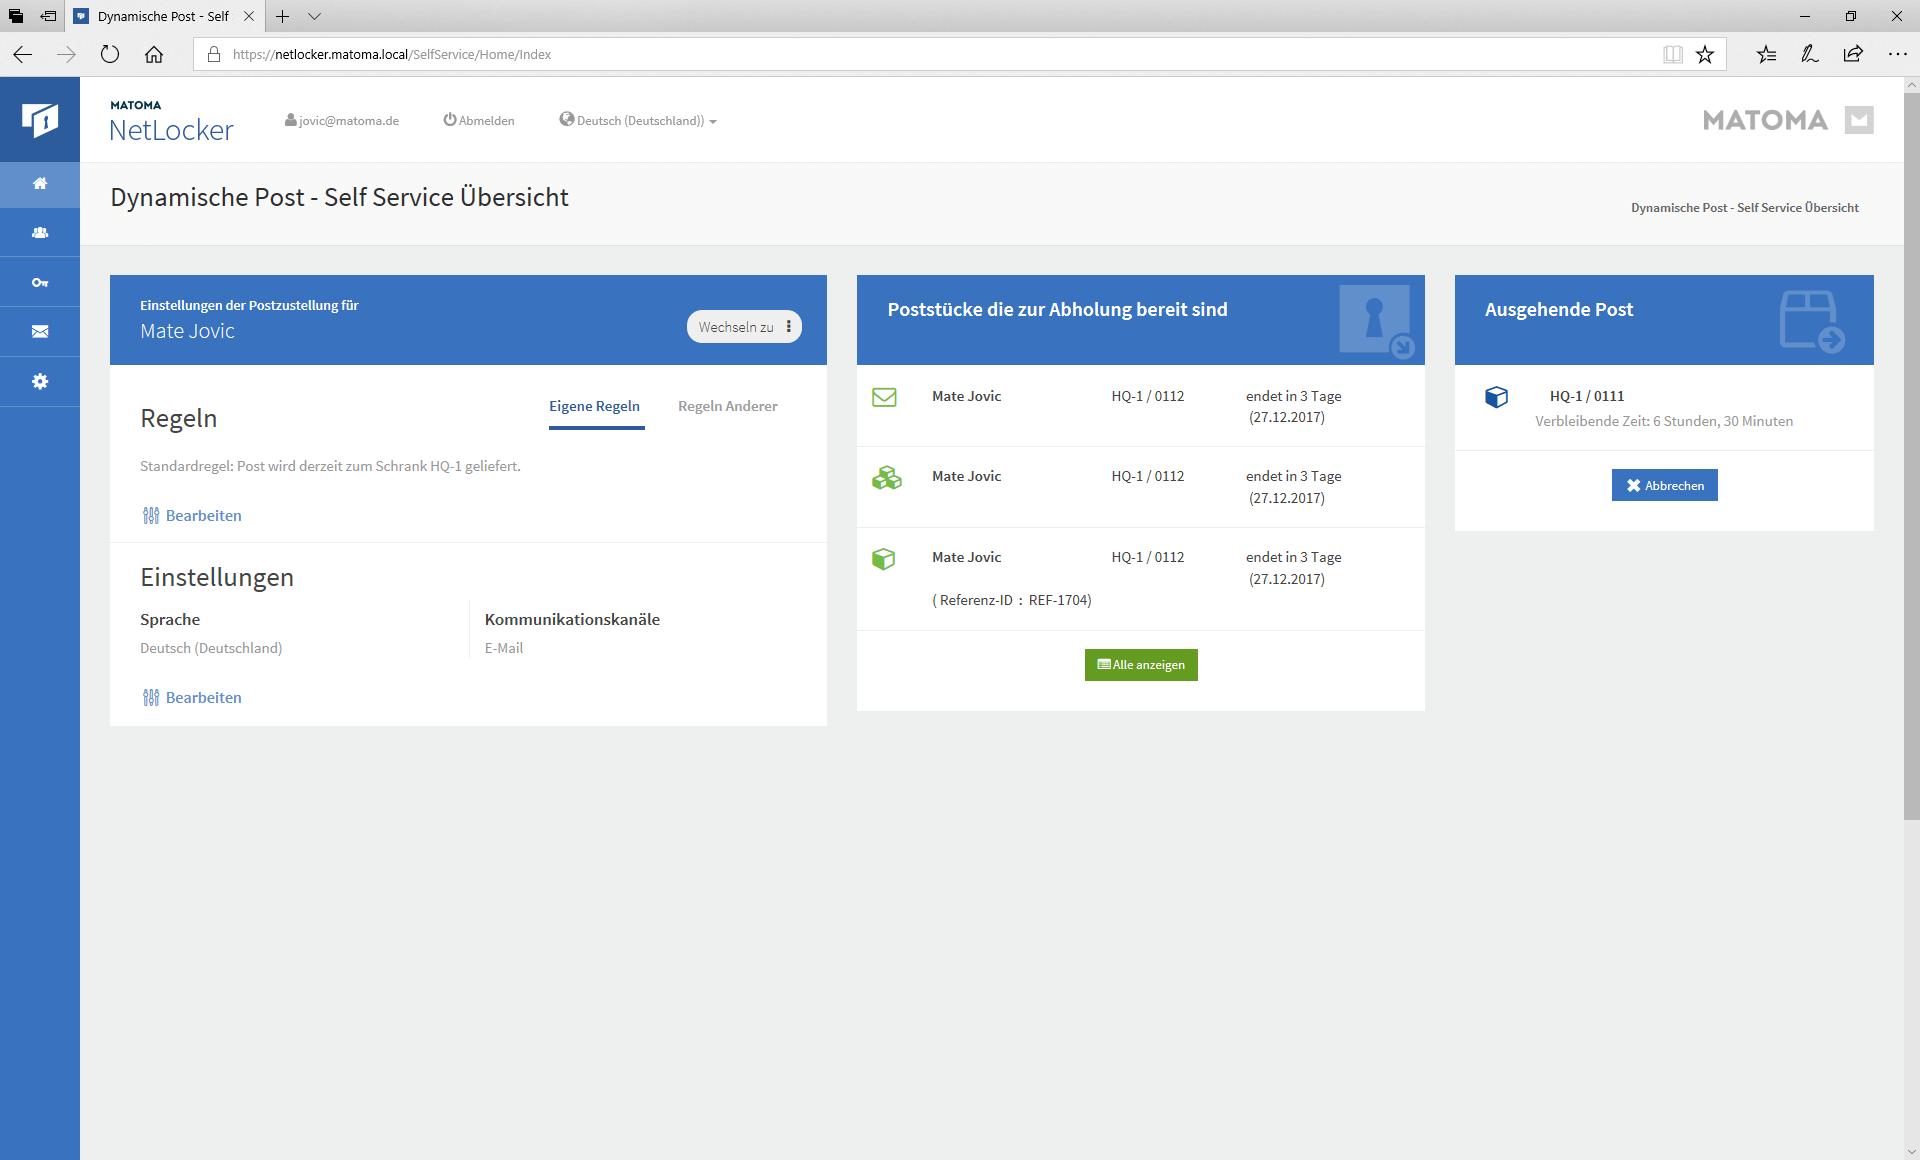 Screen SelfService Übersicht von NetLocker zur dynamischen Postverteilung